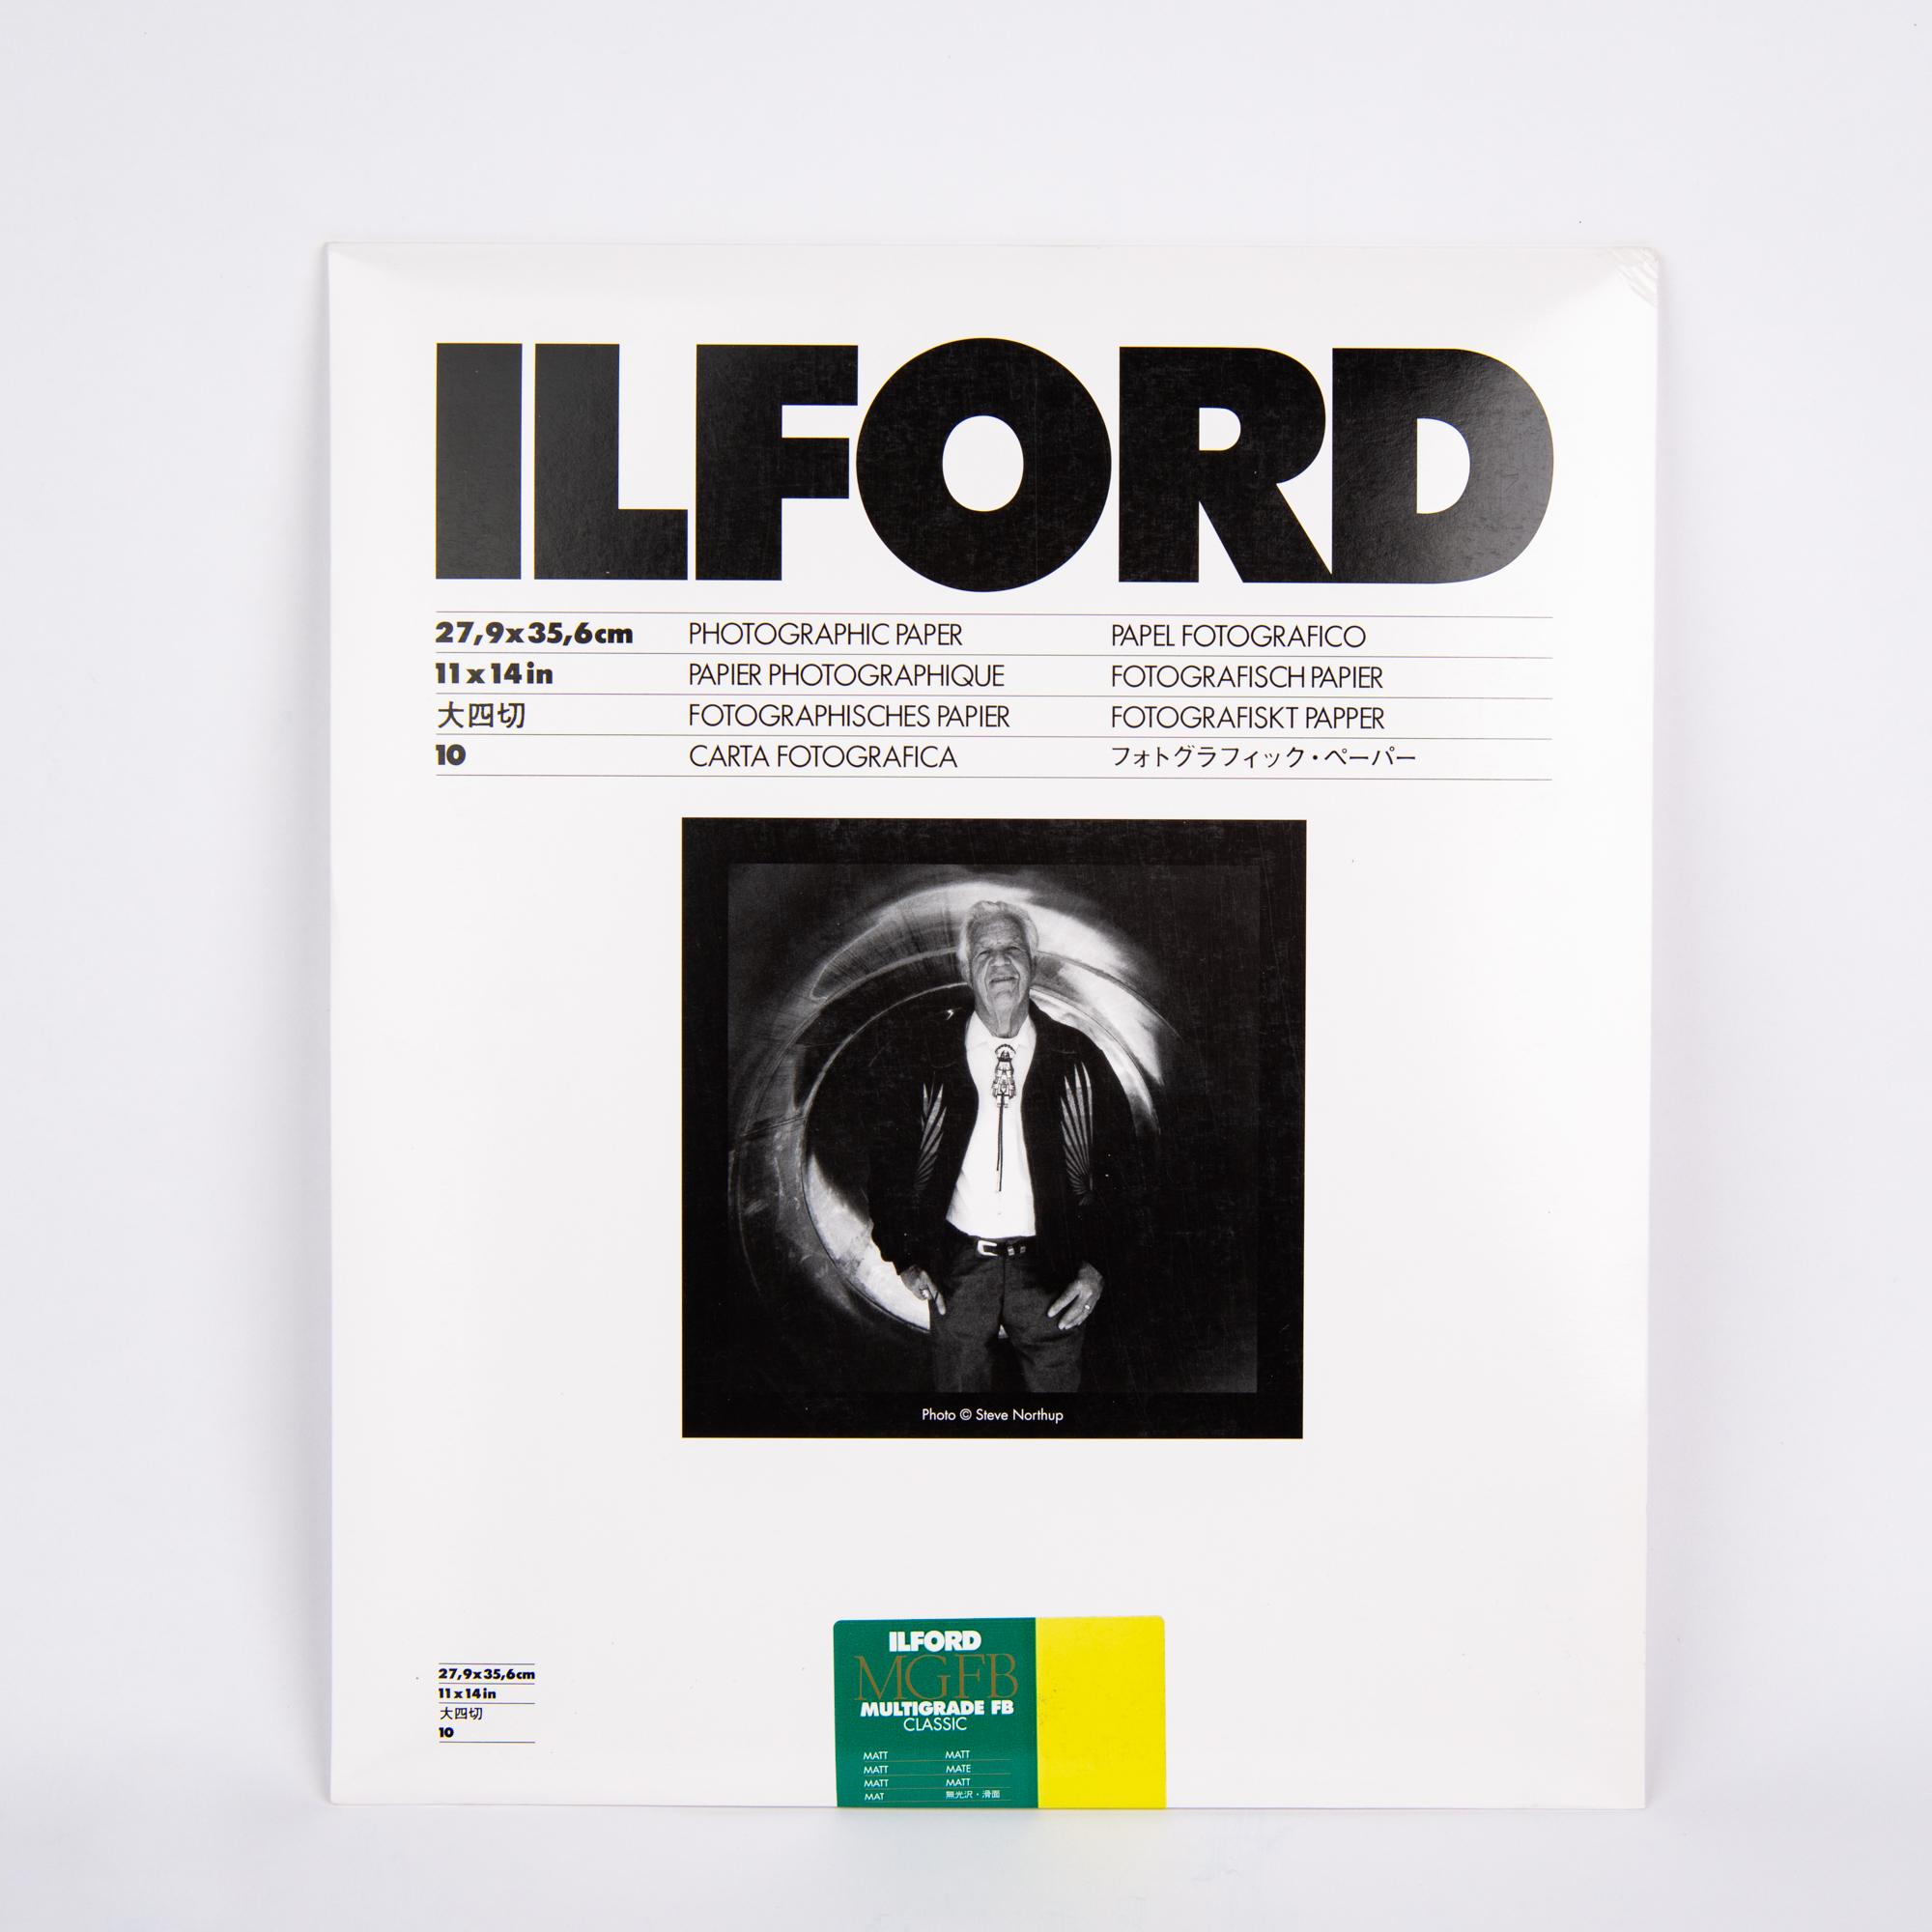 Фотобумага Ilford MG баритовая, 27.9 x 35,6 см, матовая, 10 листов